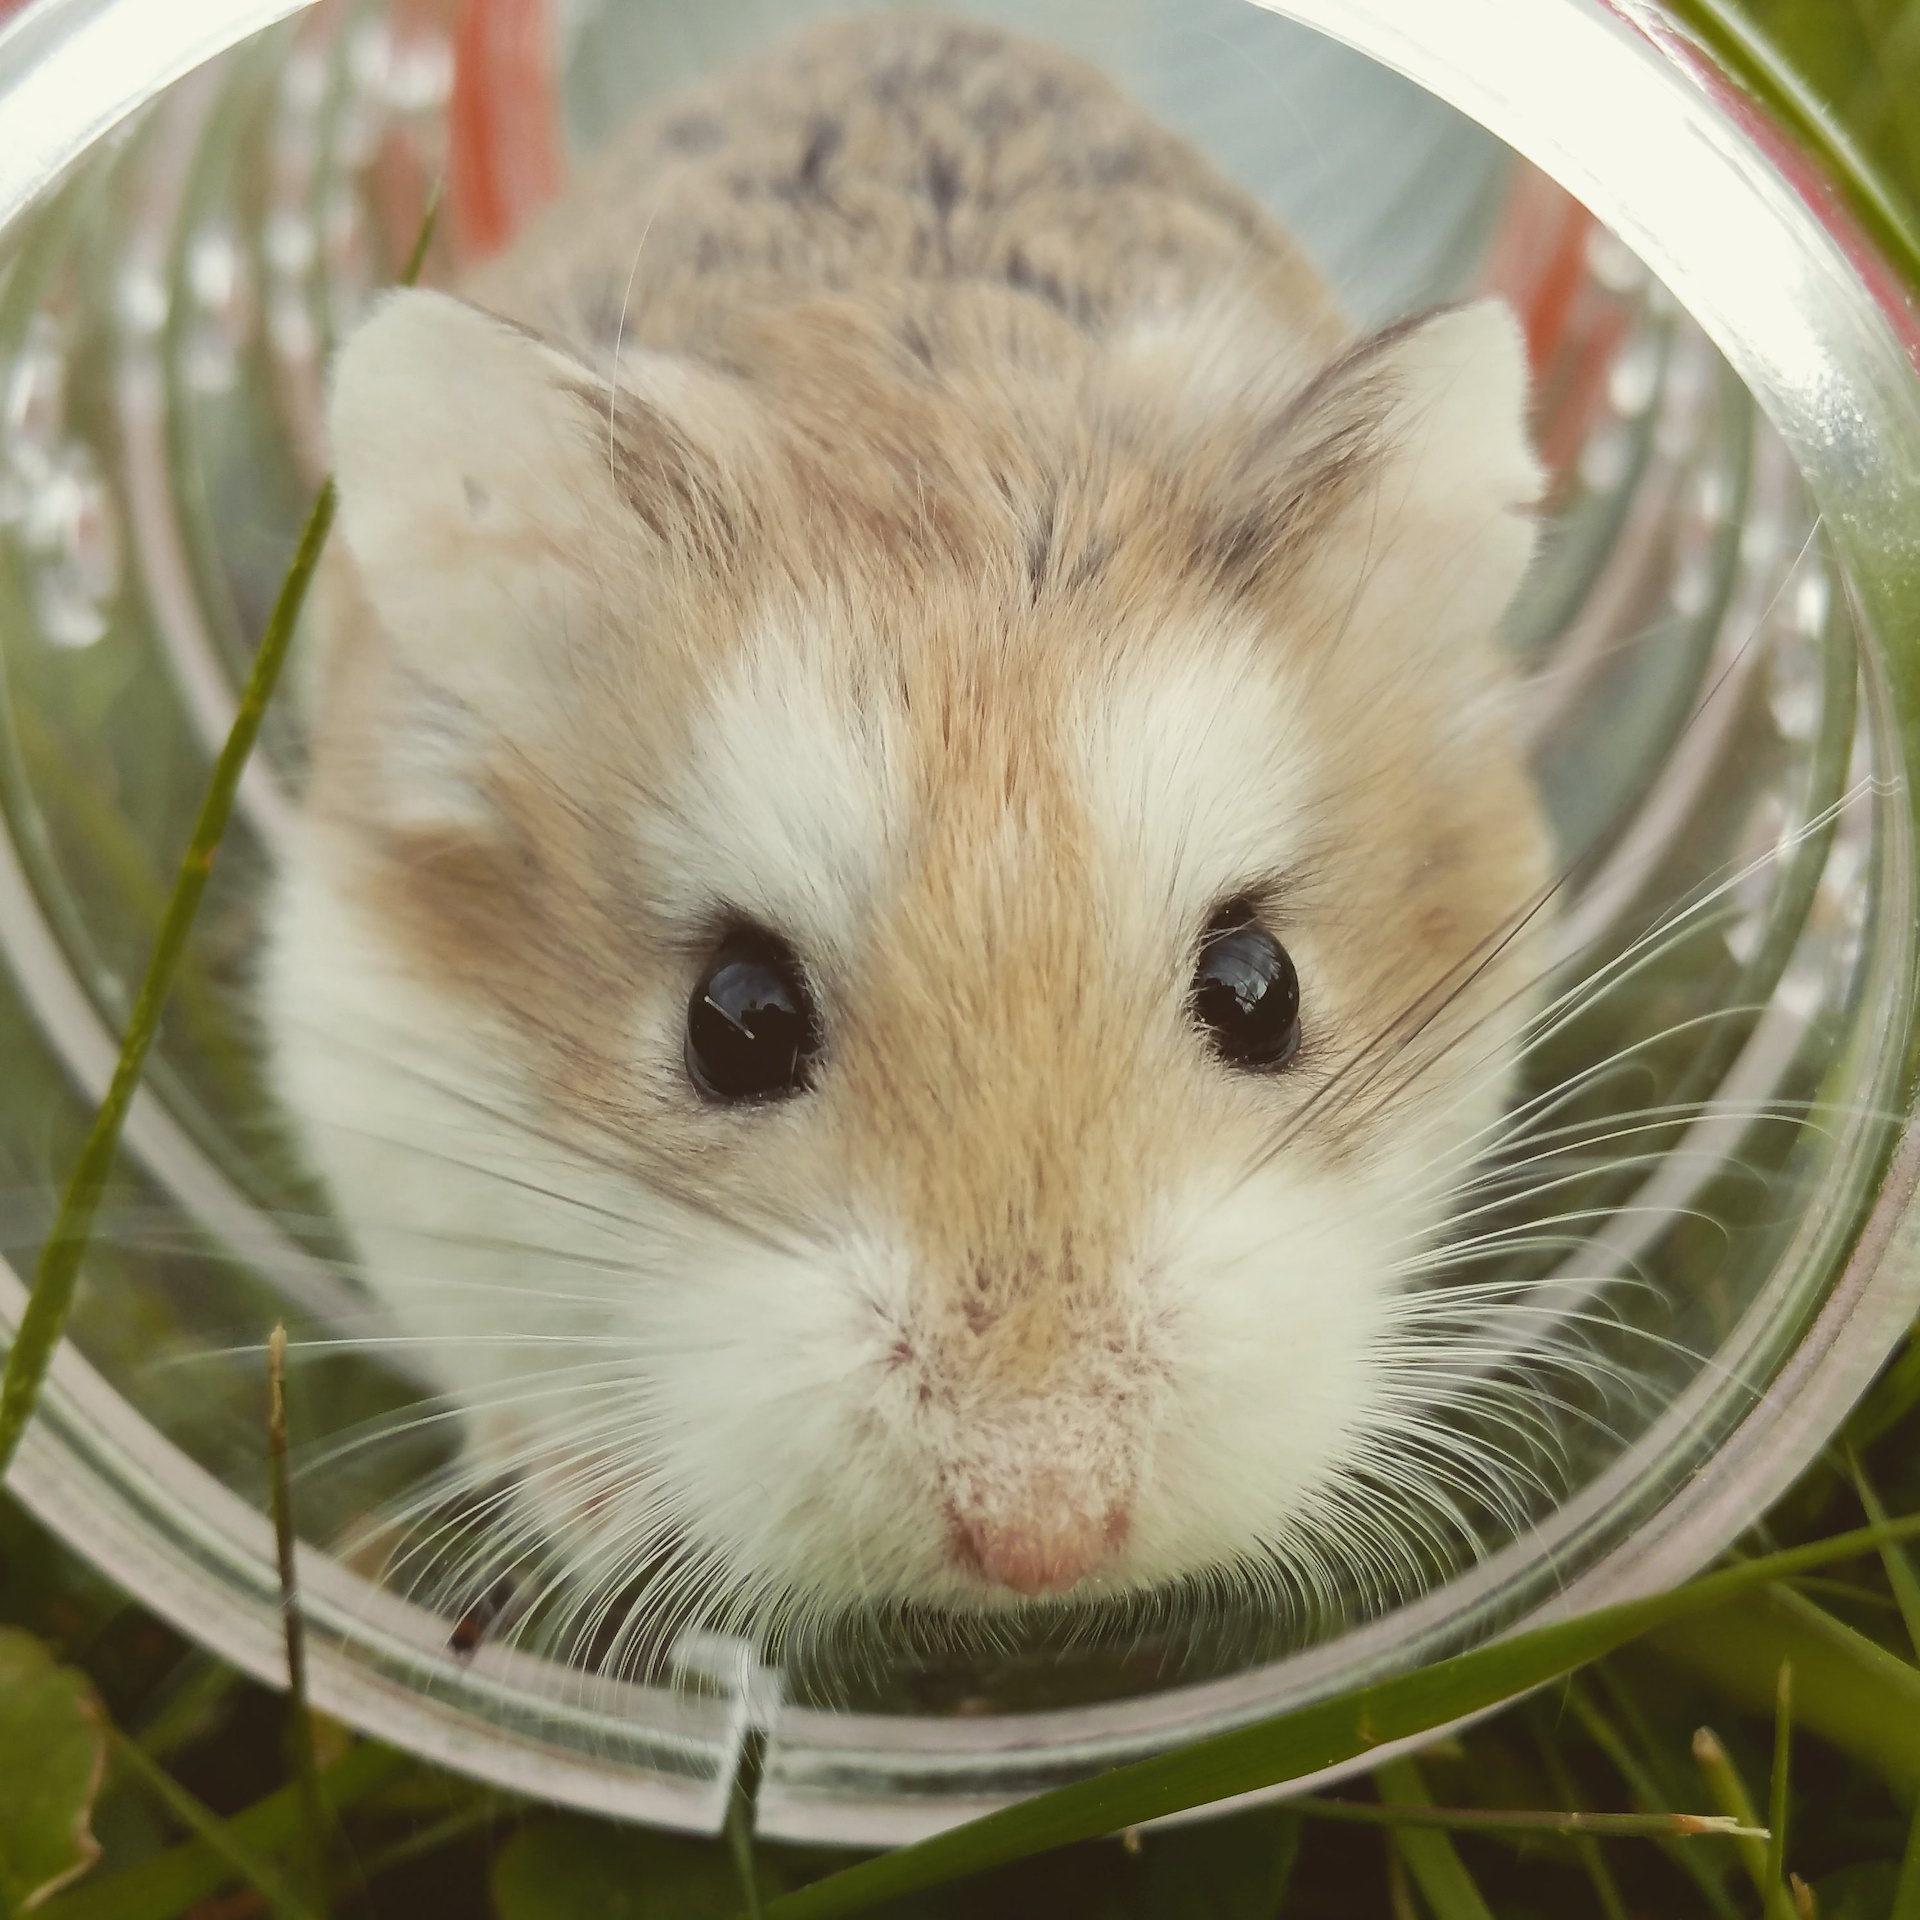 鼠标, 字段, tubo, 宠物, 啮齿类动物 - 高清壁纸 - 教授-falken.com